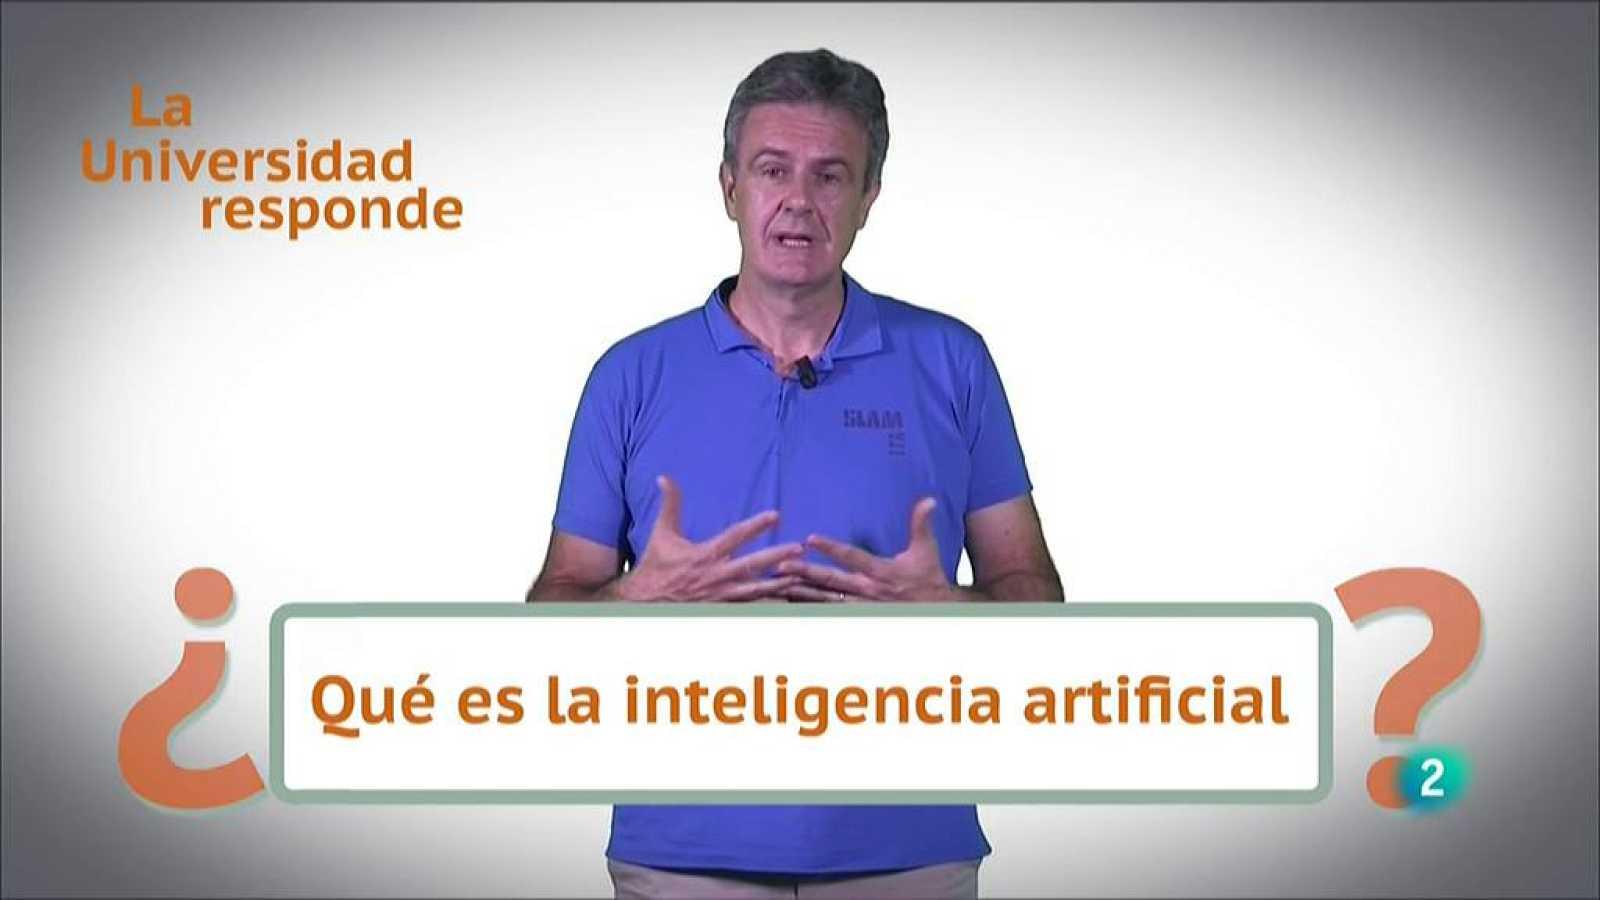 La aventura del saber ¿Qué es la inteligencia artificial? Universidad Politécnica de Madrid. La Universidad Responde.